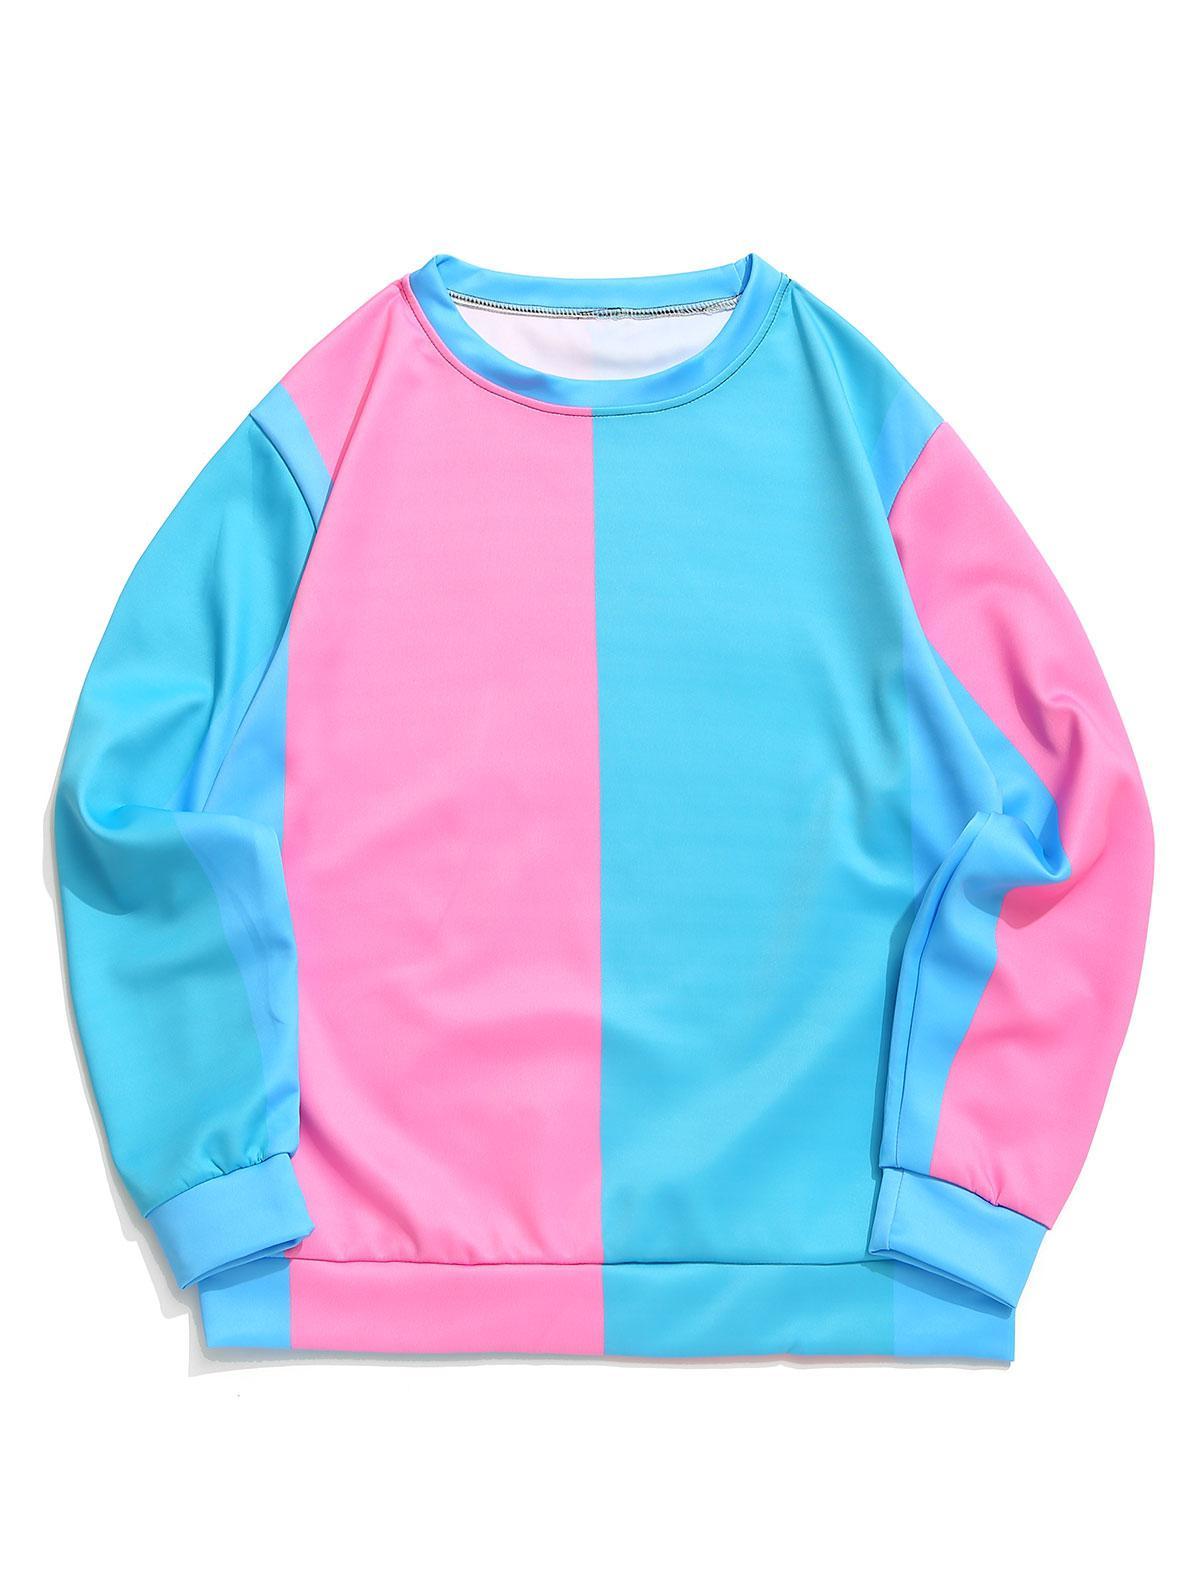 Blocco Di Colore Splicing Pannello Casual Pullover Felpa